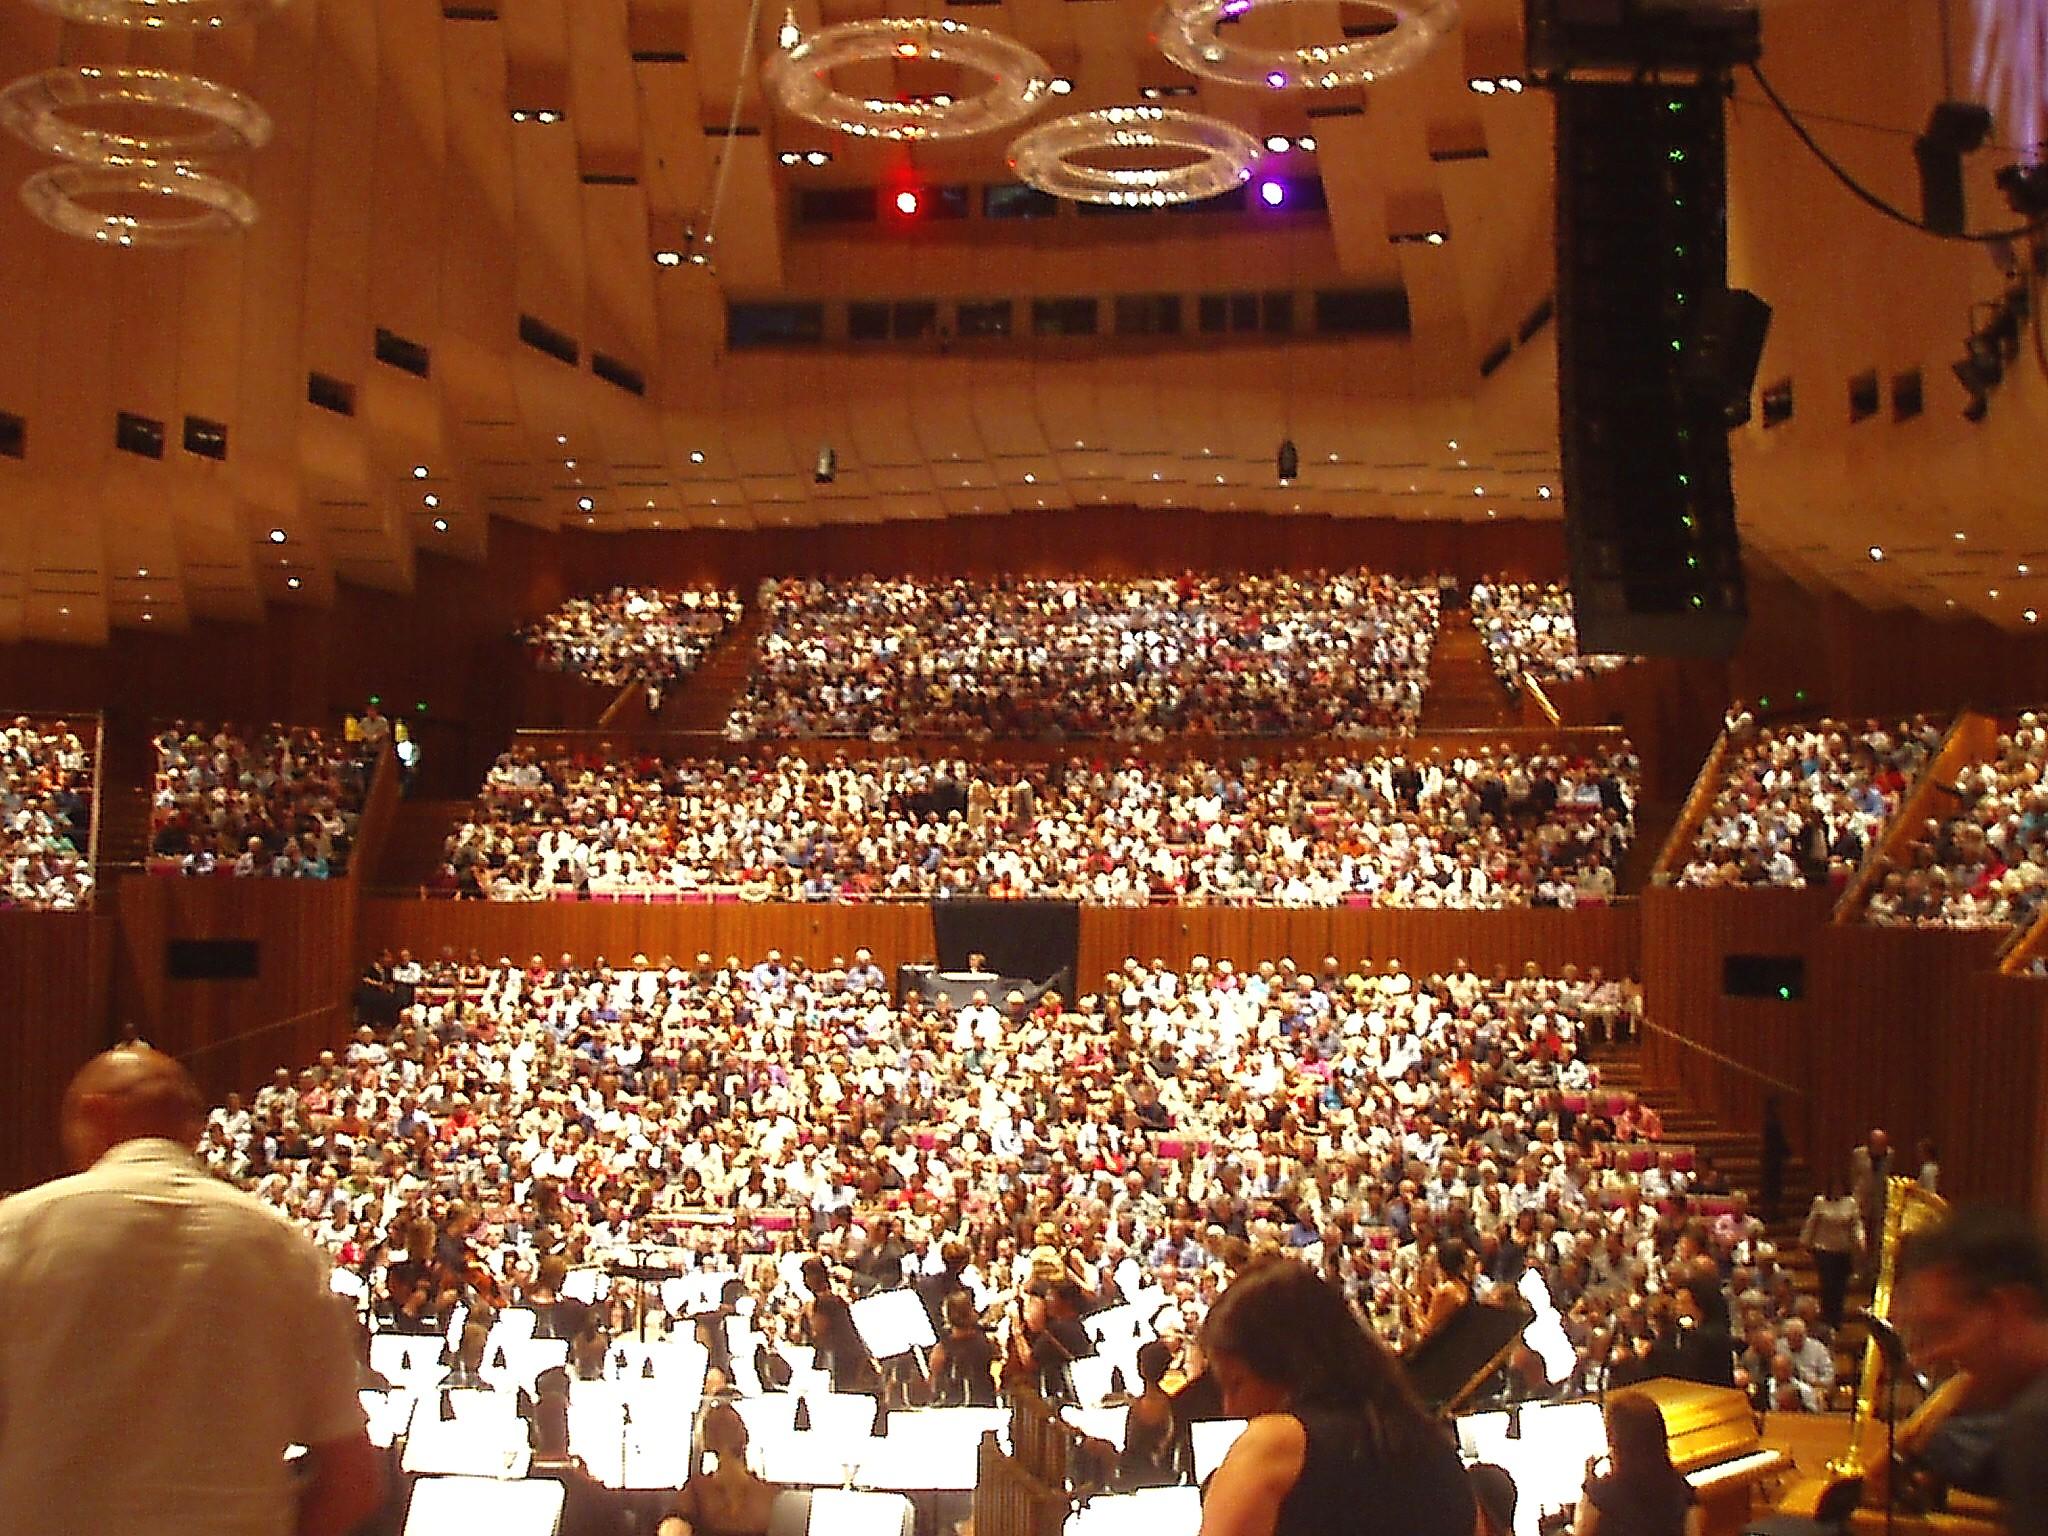 http://fr.academic.ru/pictures/frwiki/83/Sala_principal_de_conciertos_ópera_de_Sydney.jpg